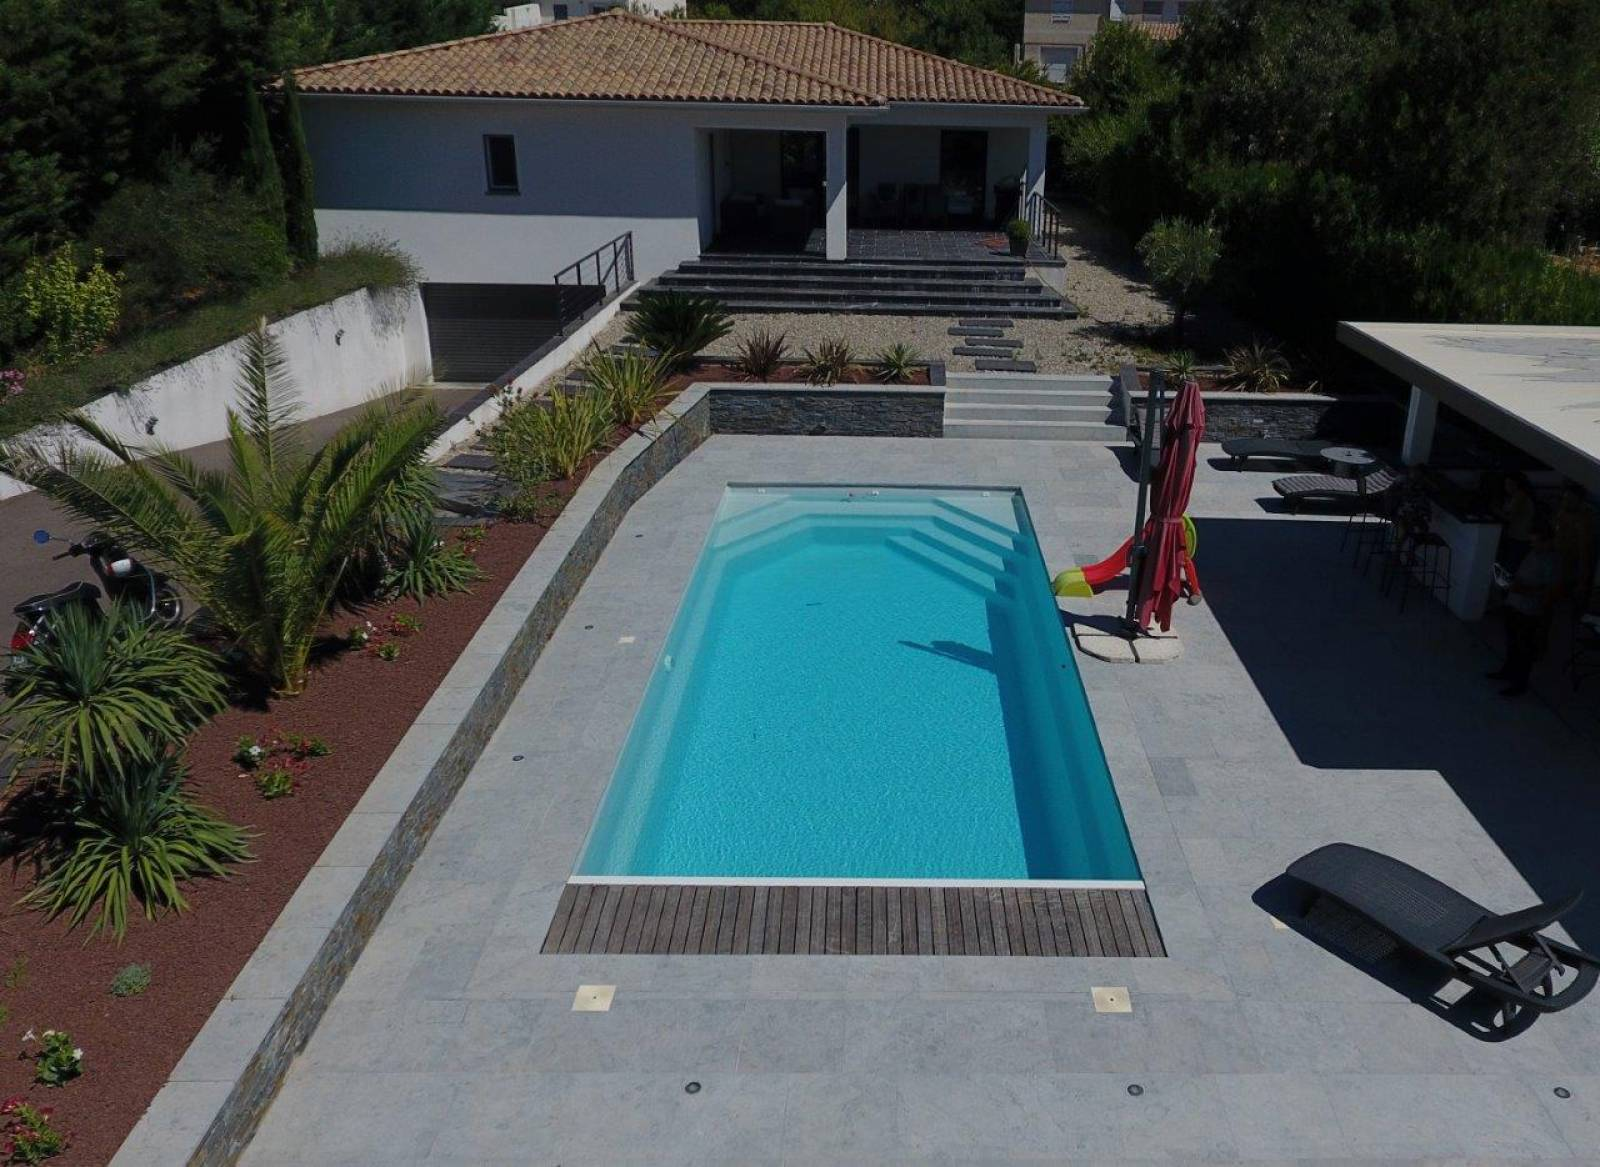 alliance piscine prix gallery of prix piscine desjoyaux x avec petite collection des photos. Black Bedroom Furniture Sets. Home Design Ideas